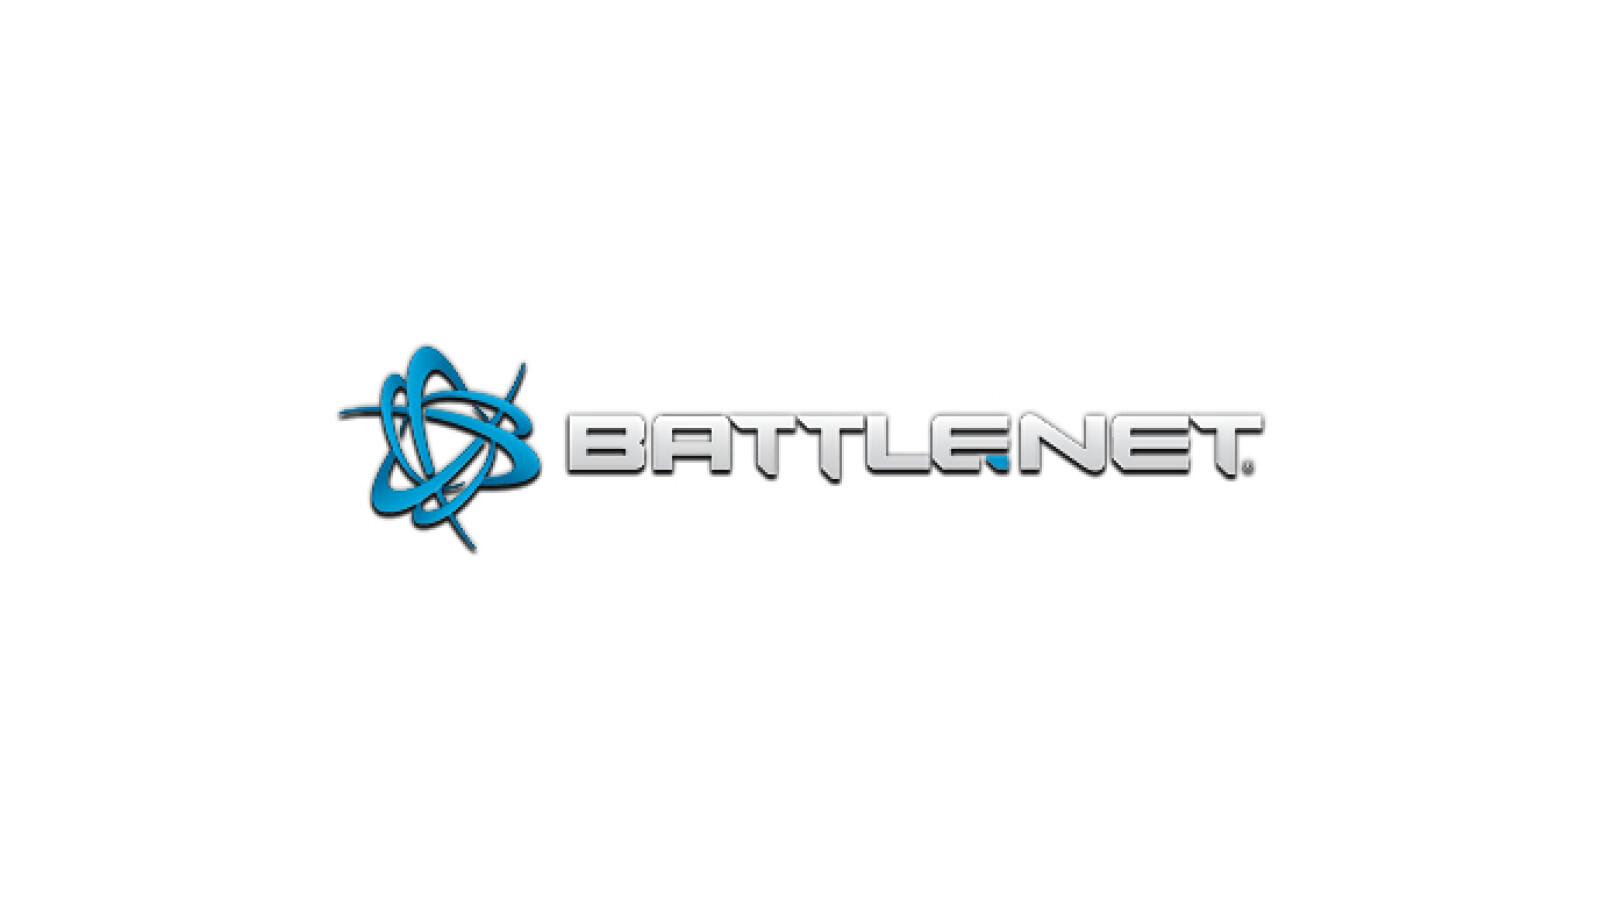 Battle.net überlastet: Kein Login bei World of Warcraft und CoD möglich